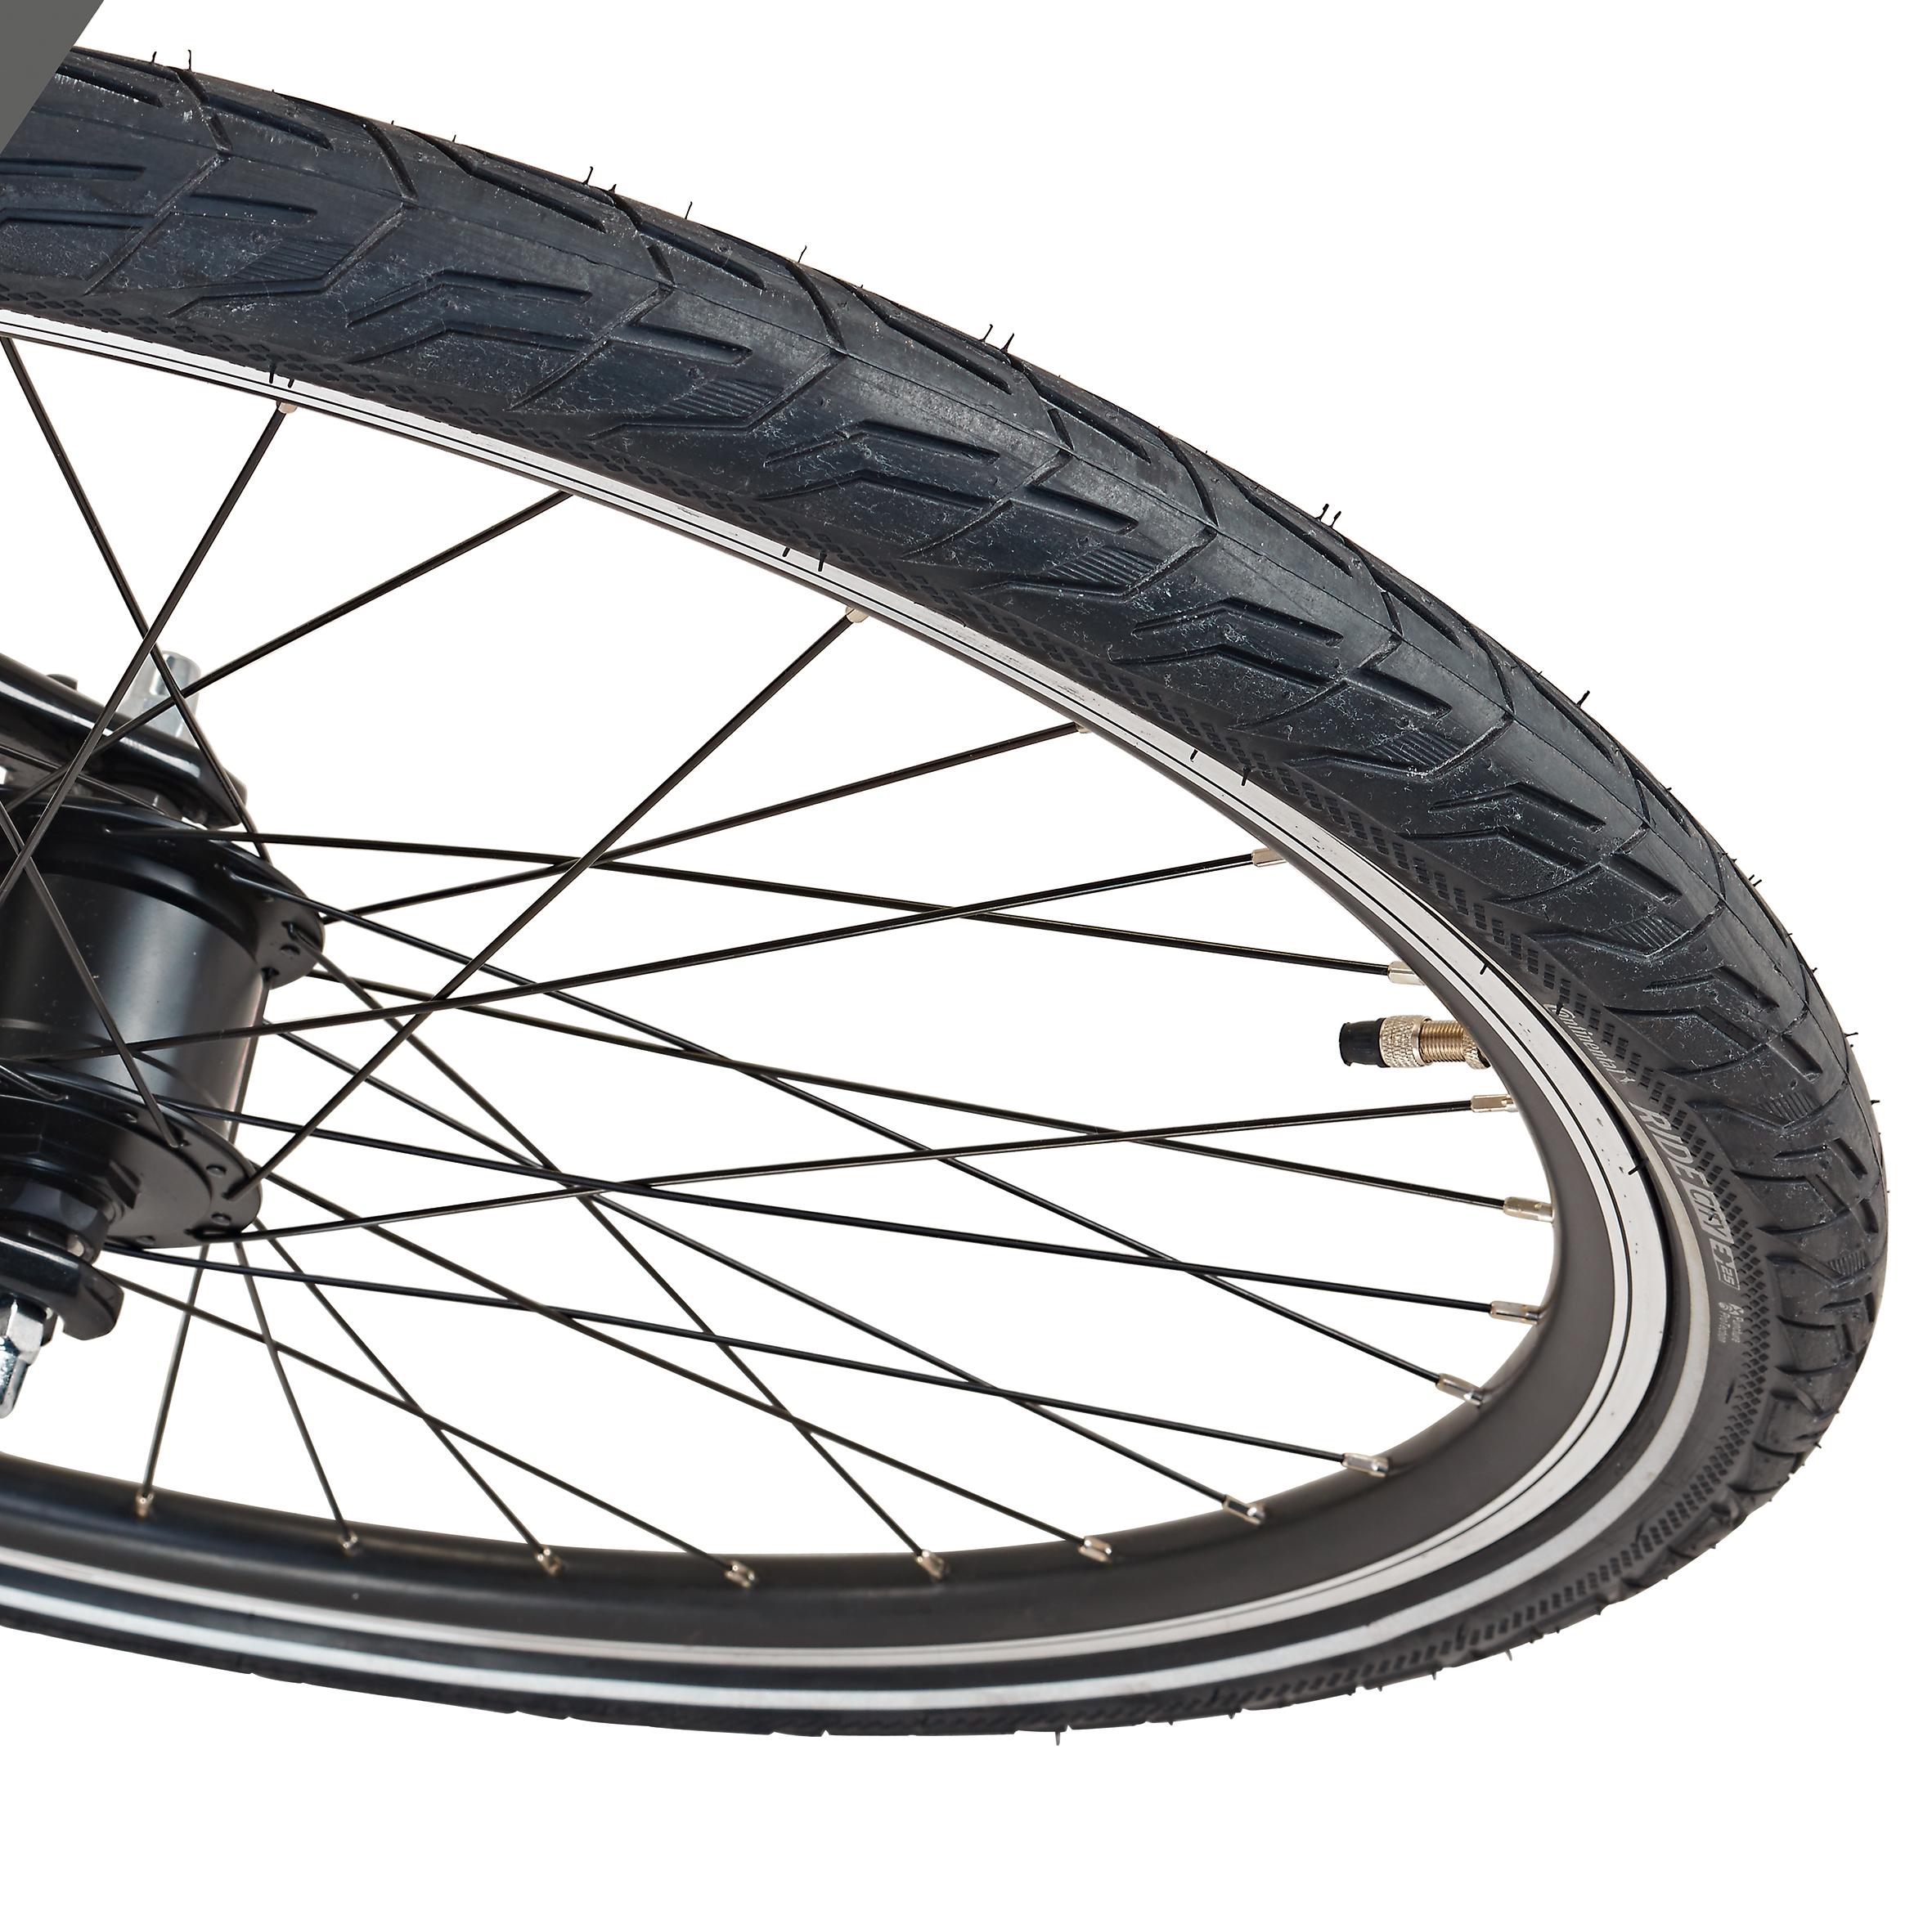 """Prophete Fahrrad / Trekkingrad Entdecker 9.2 Trekking Bike 28"""" Damen Bild 4"""